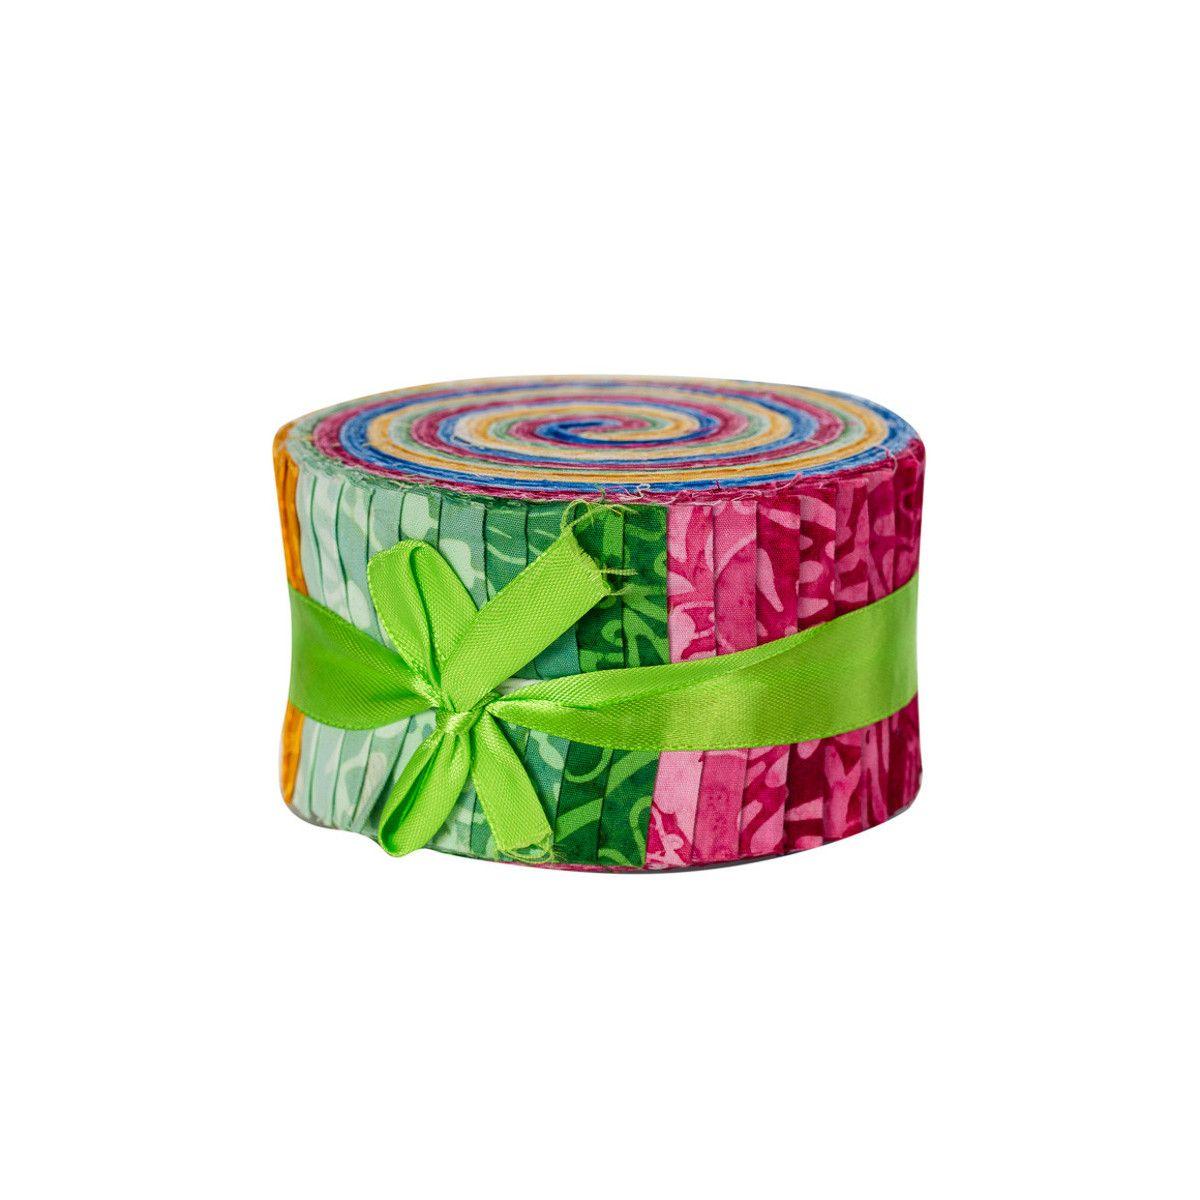 Jelly roll Bali roll batik multicolore